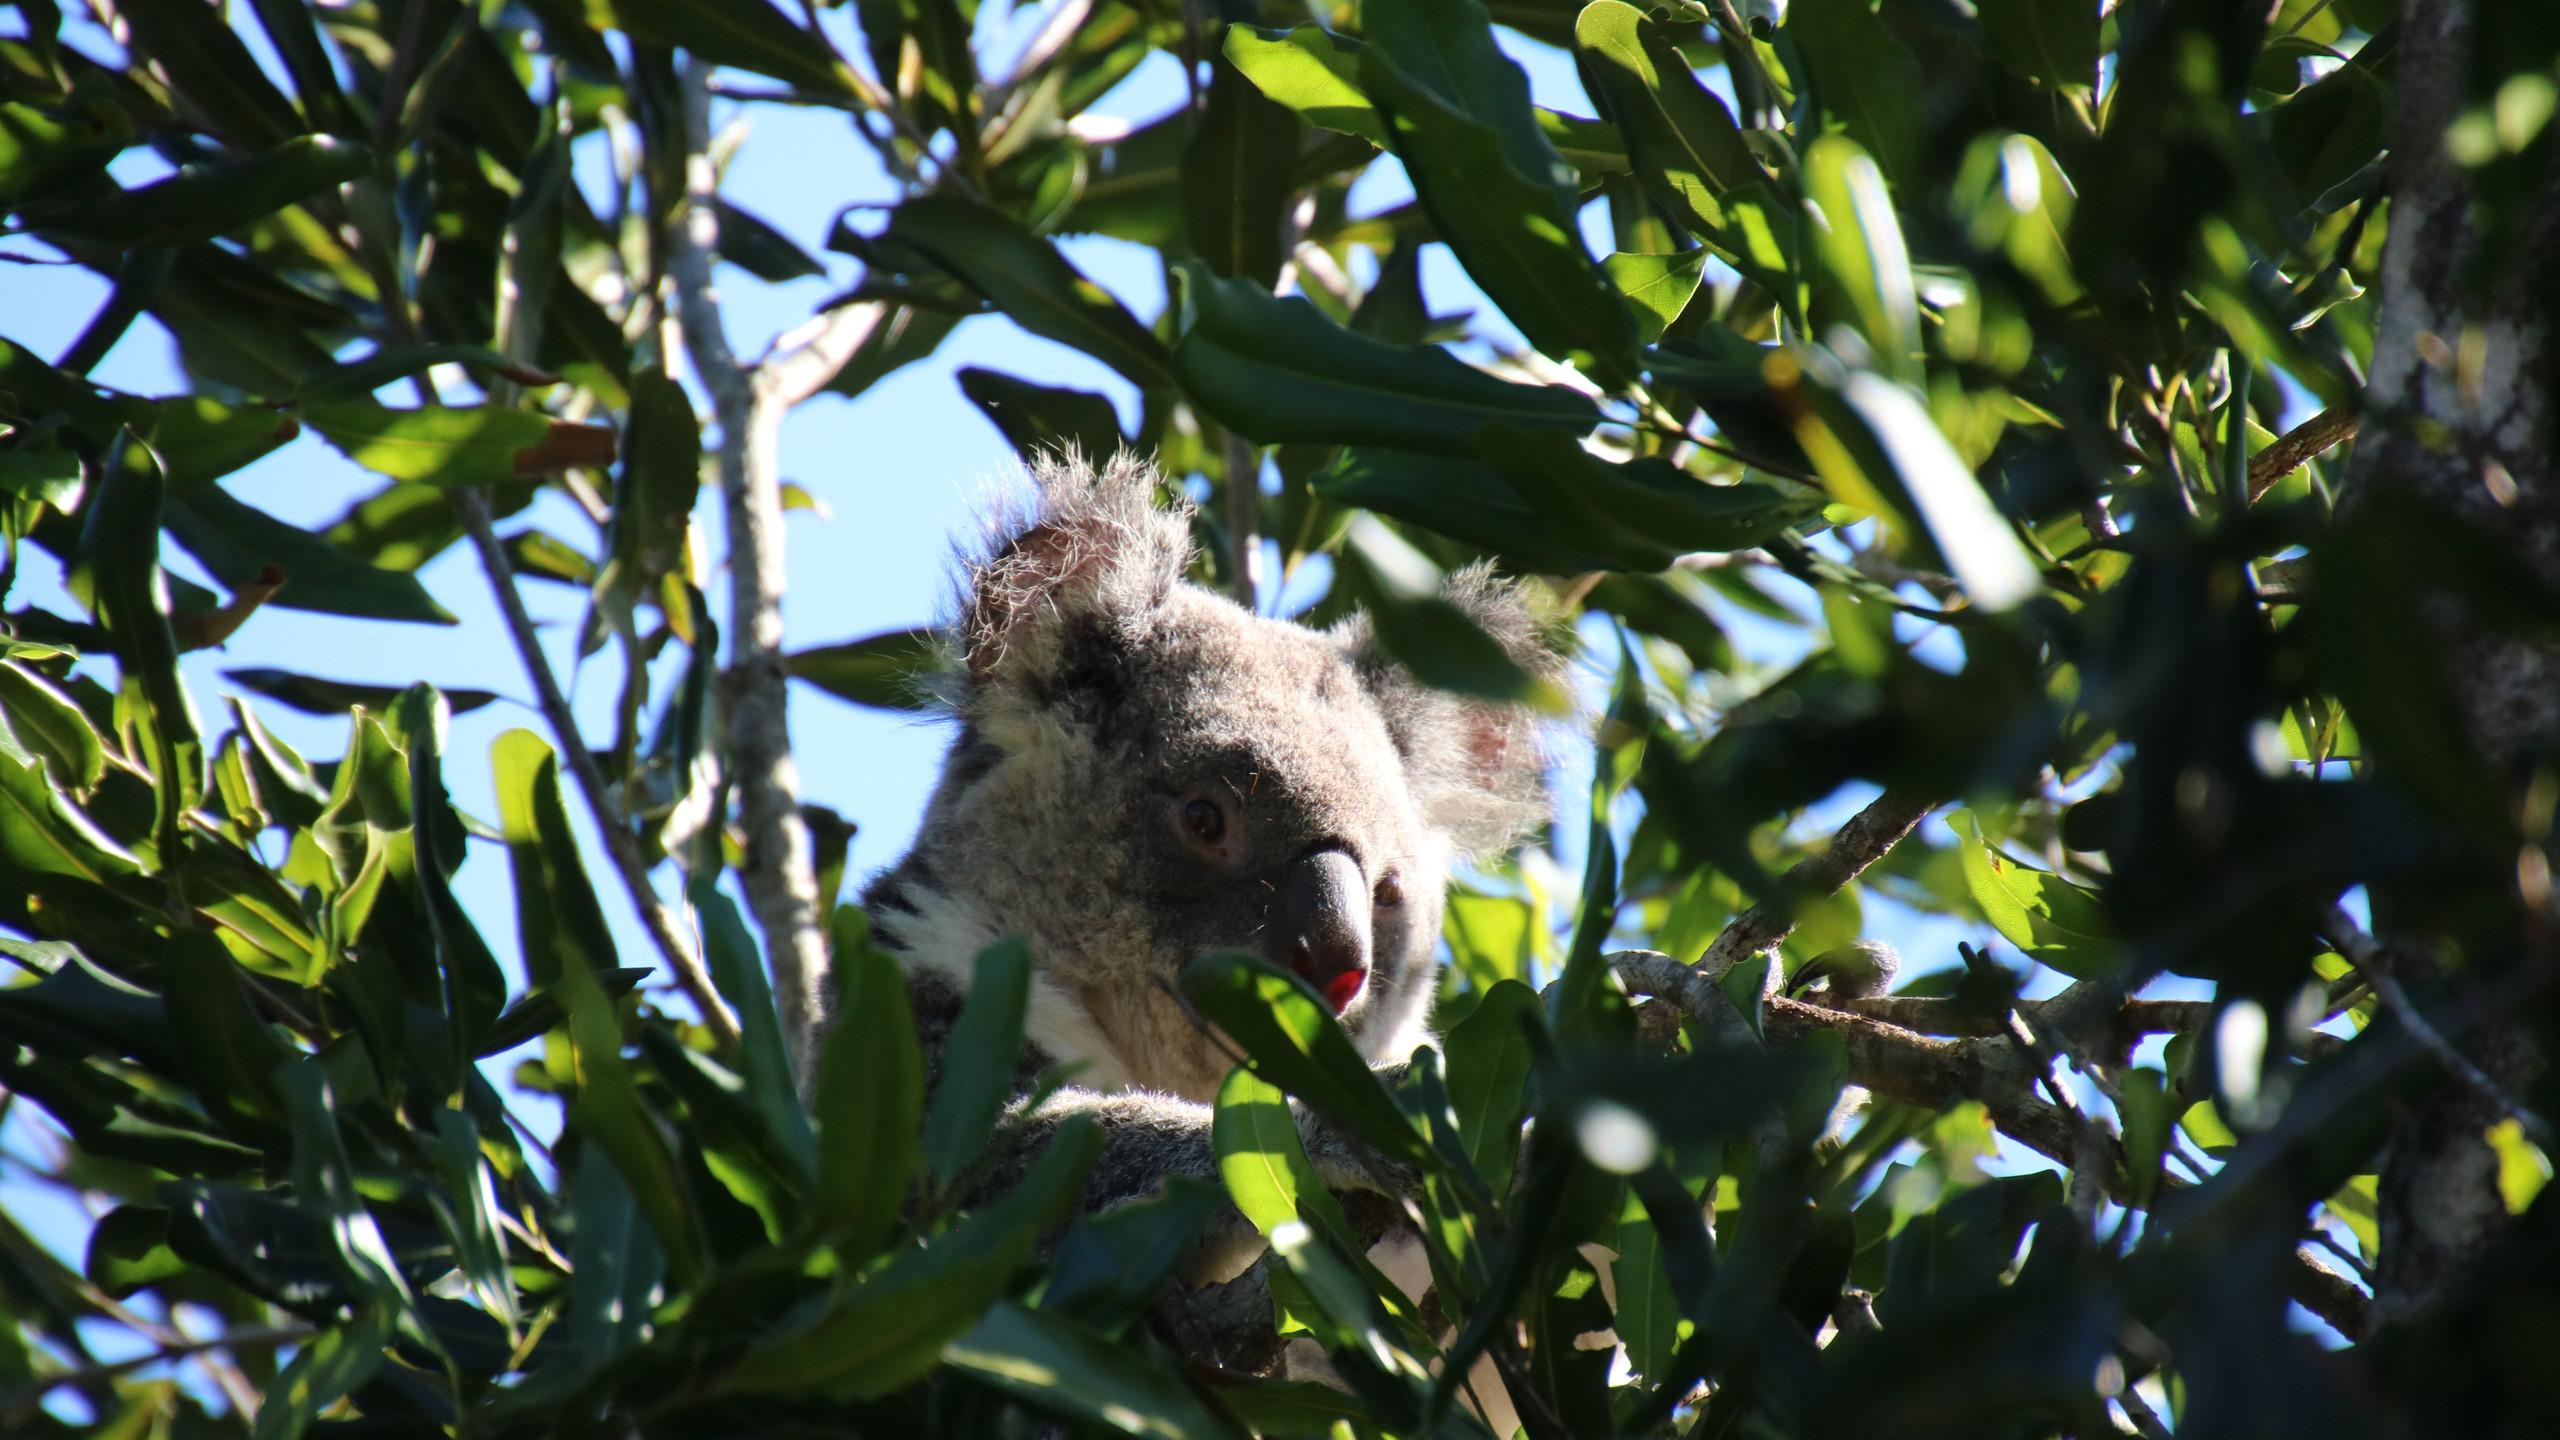 Koala in a tree at the Australia Zoo.